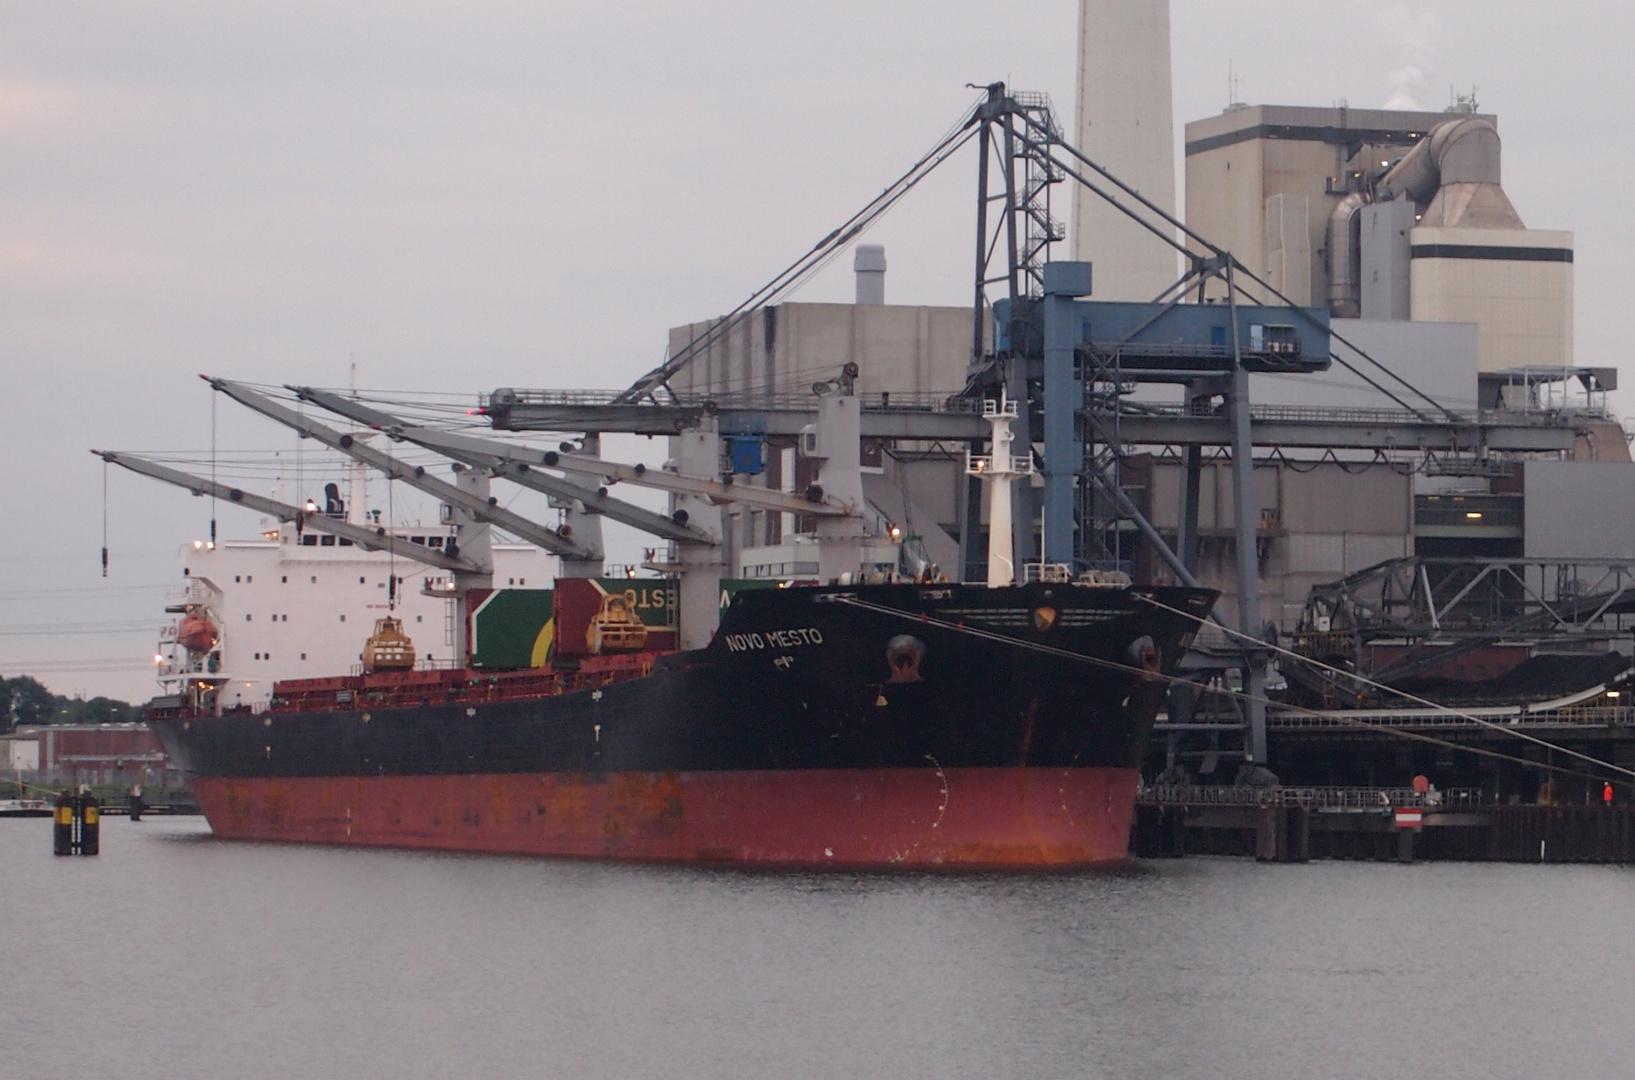 Bulk Carrier Novo Mesto